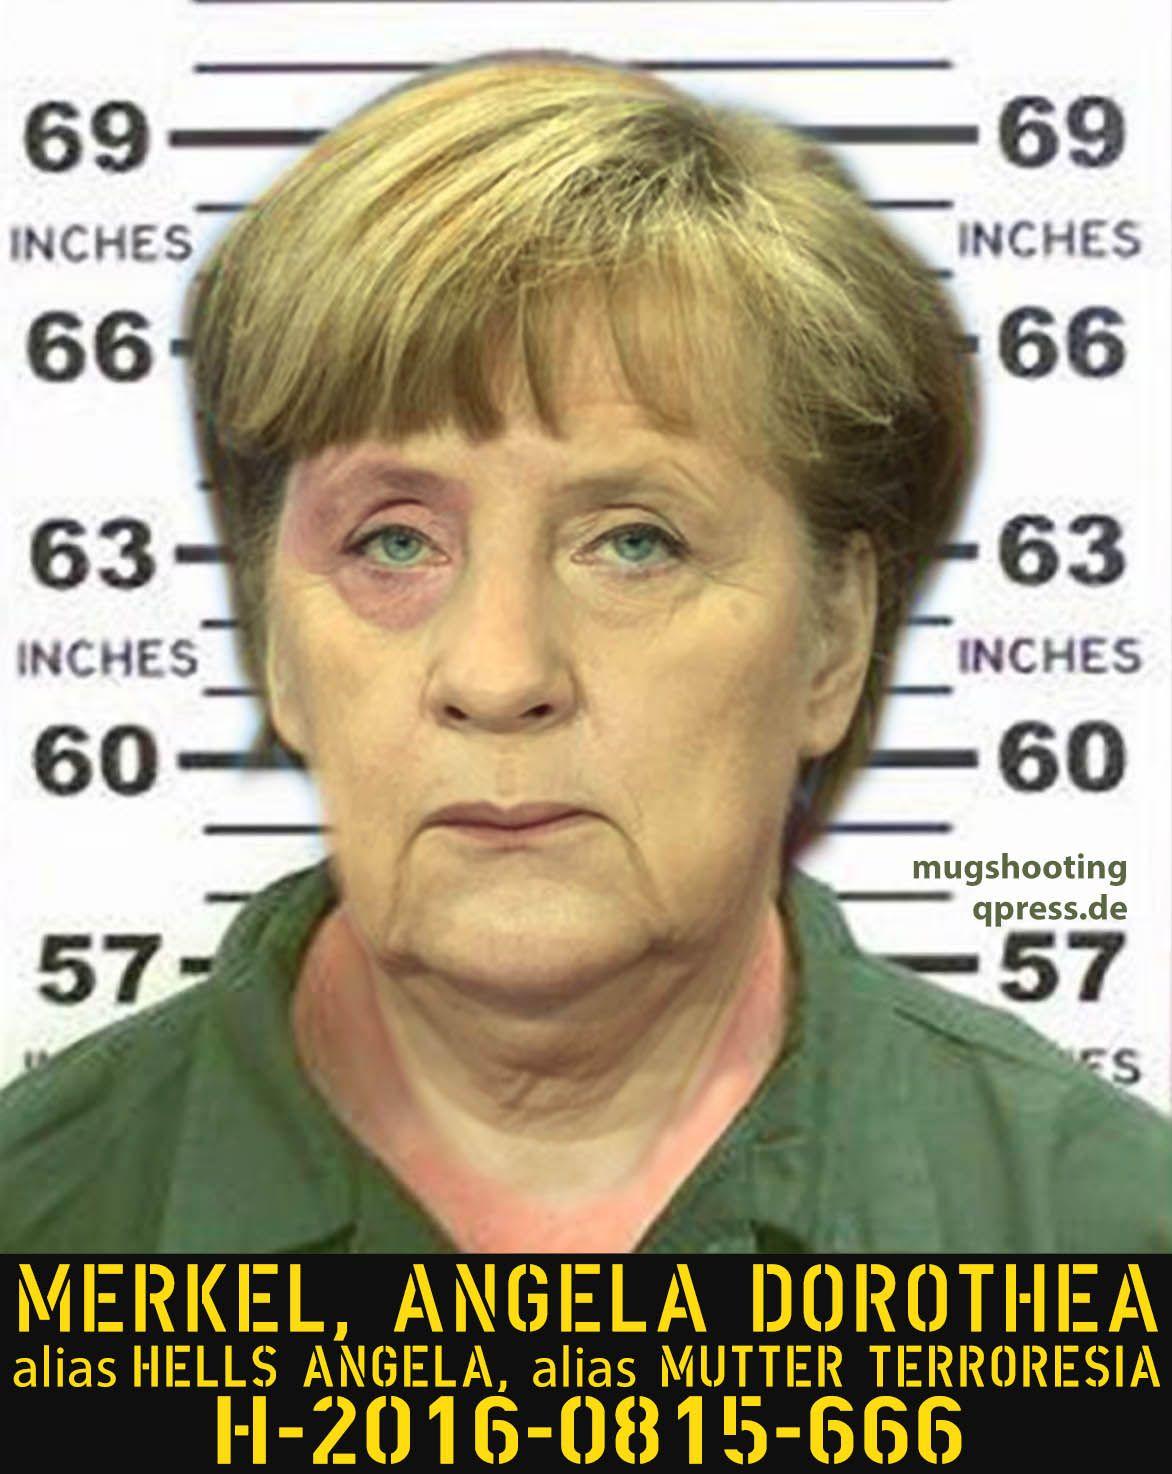 """❌❌❌ Alle Welt setzt große Hoffnung in diese Veranstaltung, soll es doch Ruhe und Frieden nach Deutschland zurückbringen, wenn es sein muss mit Waffengewalt, darüber sind sich die wichtigsten Global-P(l)ayer auf diesem Planeten einig. Alleinige Voraussetzung: """"Merkel muss weg"""", sonst kann es hier keinen Frieden geben. Ok, manchmal sind da auch nur die Positionen ein wenig verschoben. Wenn wir die richtgen Ideologie-Brillen verteilen, sollte die kaputte Welt dennoch heile erscheinen. ❌❌❌…"""